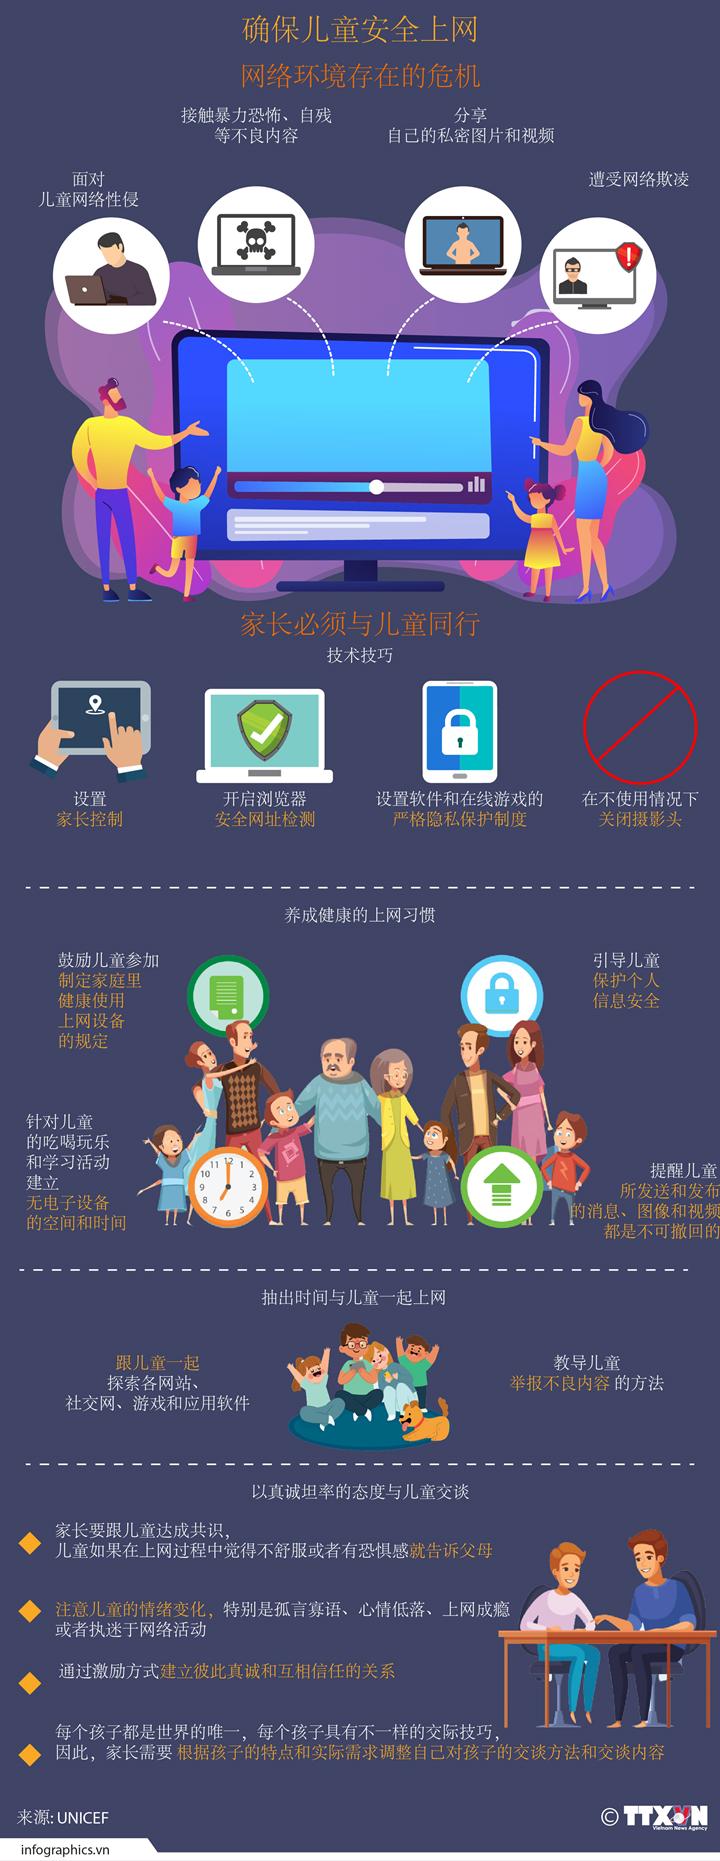 确保儿童安全上网